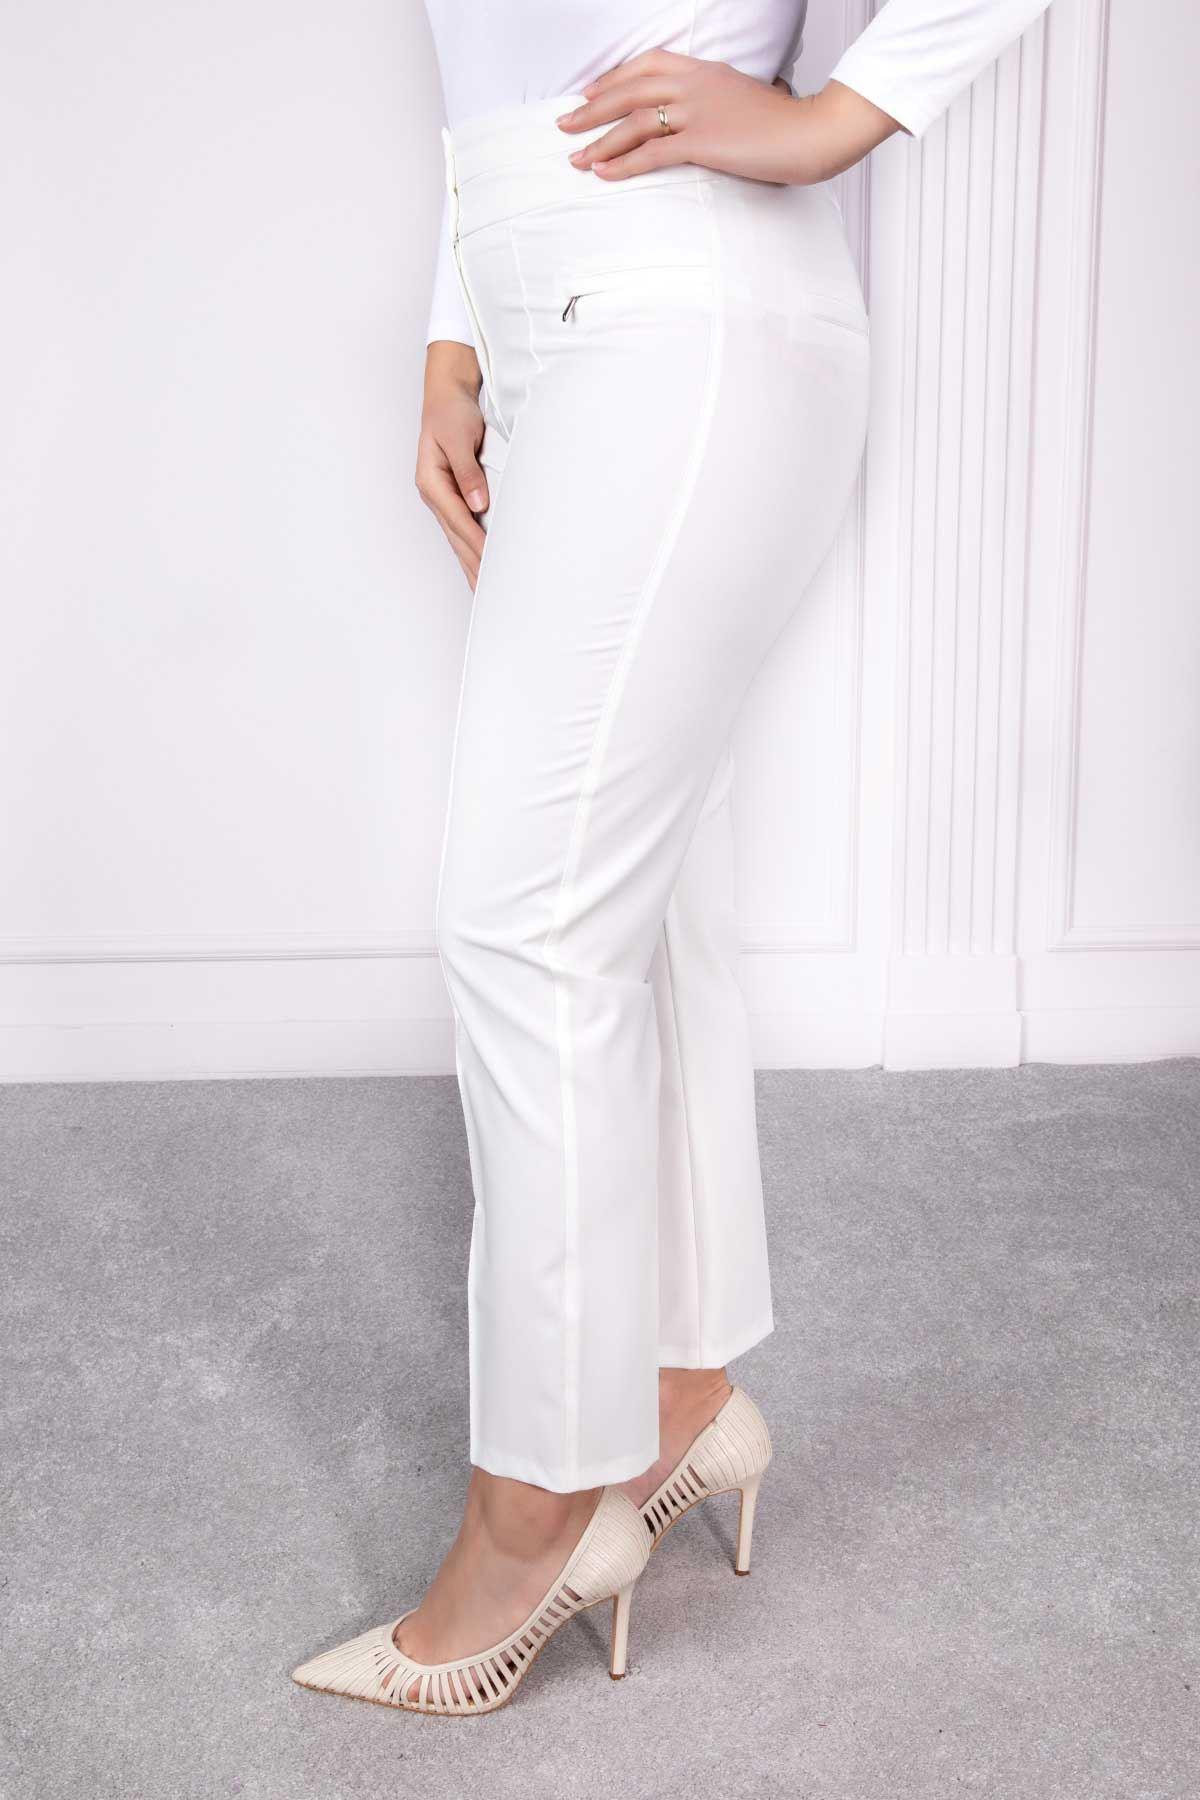 Çift Kemer Bilek Pantolon Beyaz 2169-01